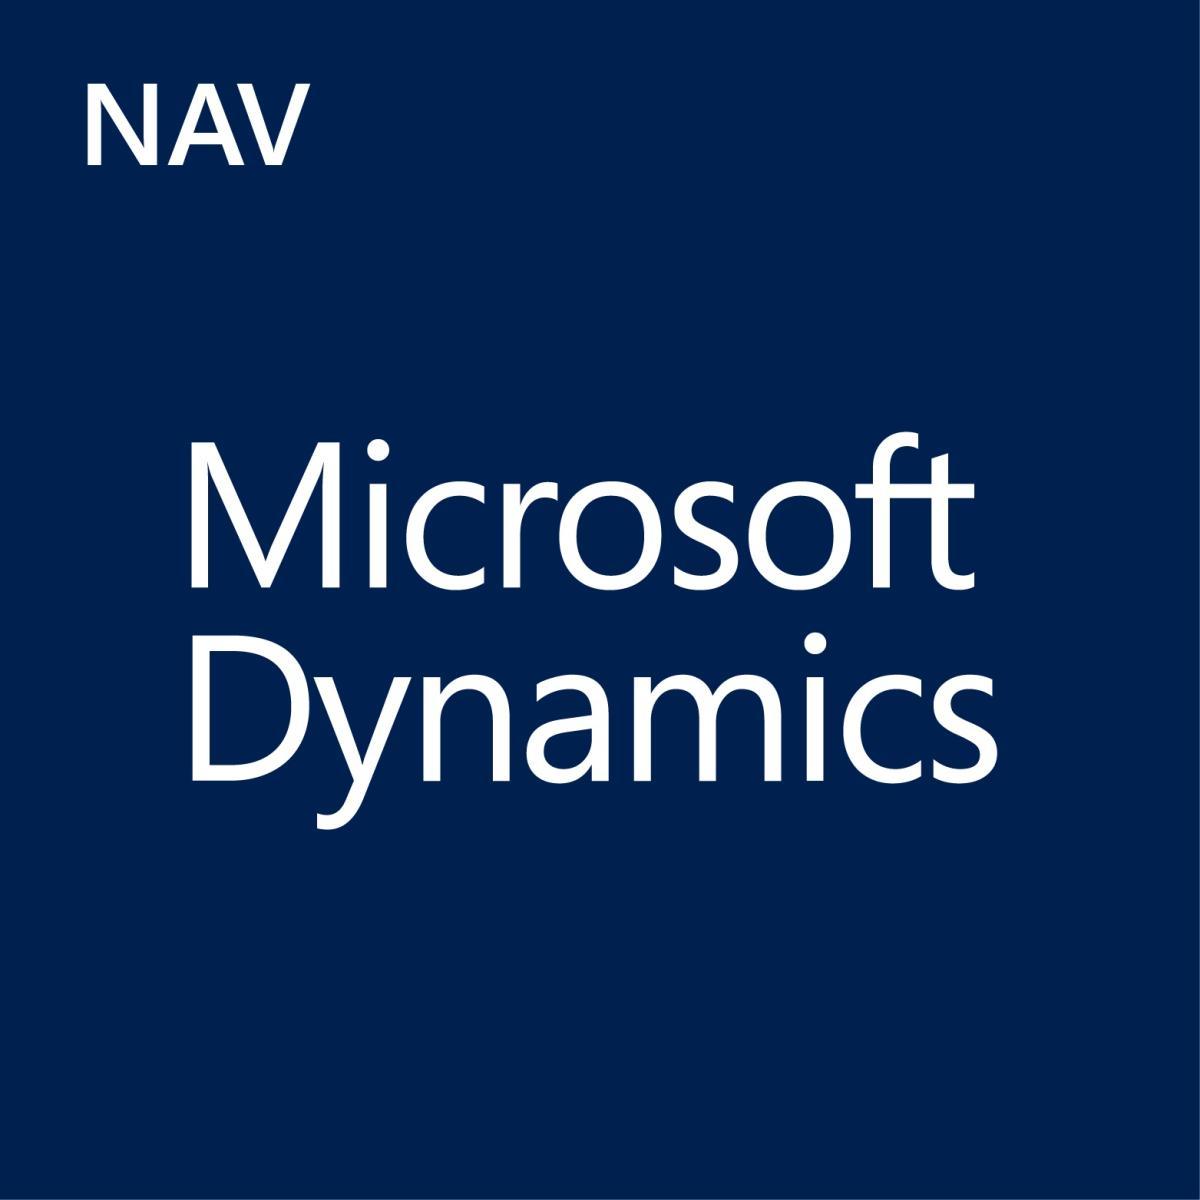 DynamicsNAV.jpg